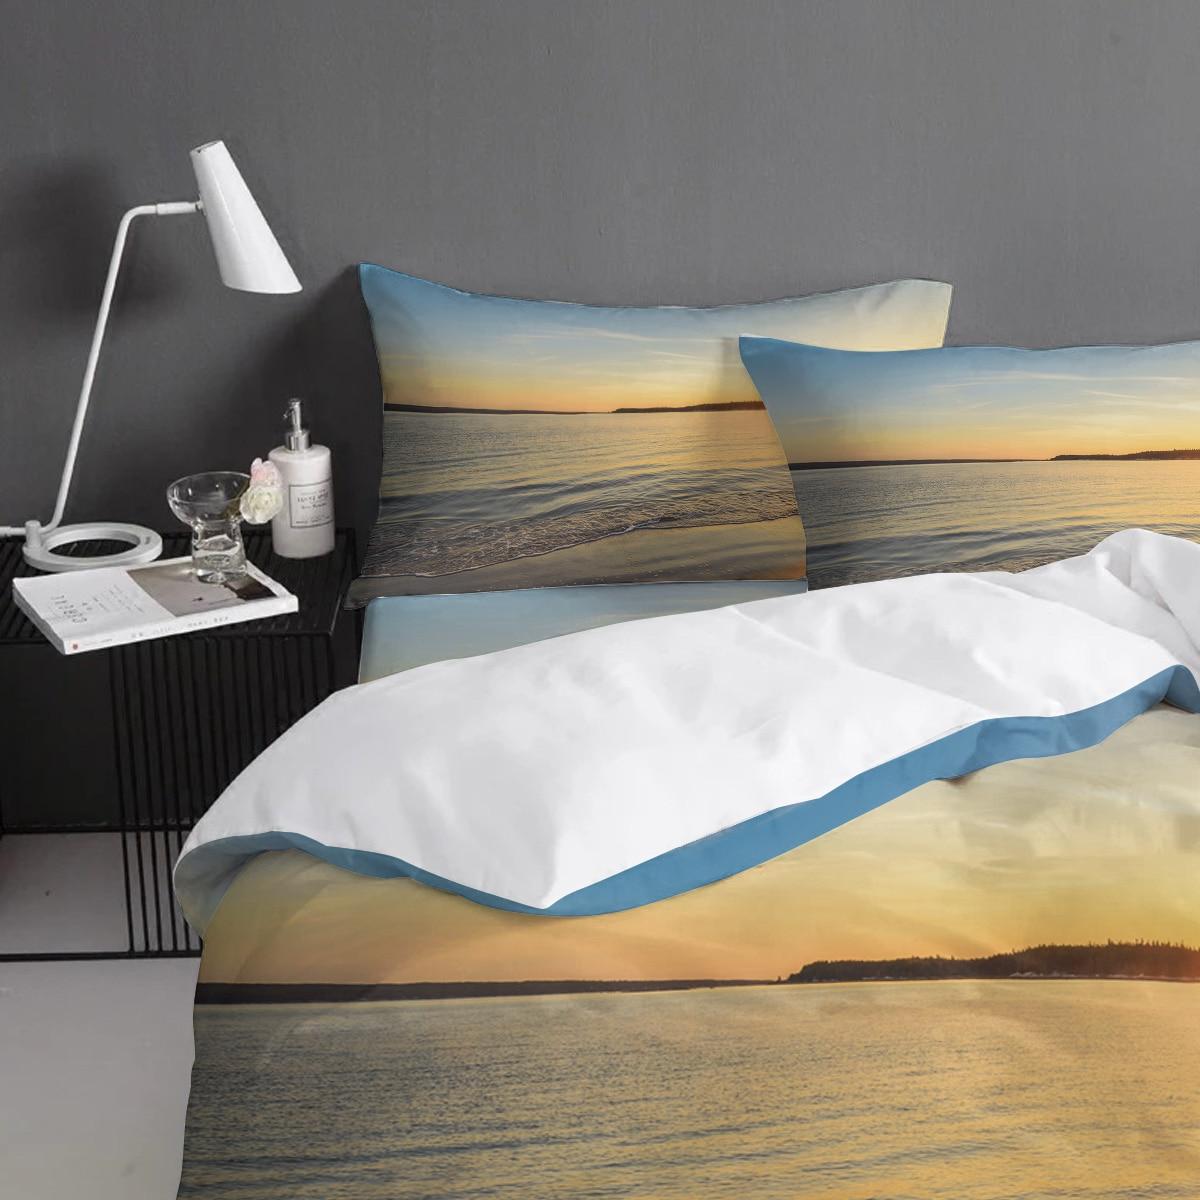 BIGHOUSES Bettbezug set Sunset meer landschaft strand wasser horizon natur landschaft Duvet Abdeckung 4 Stück Bettwäsche Set - 4